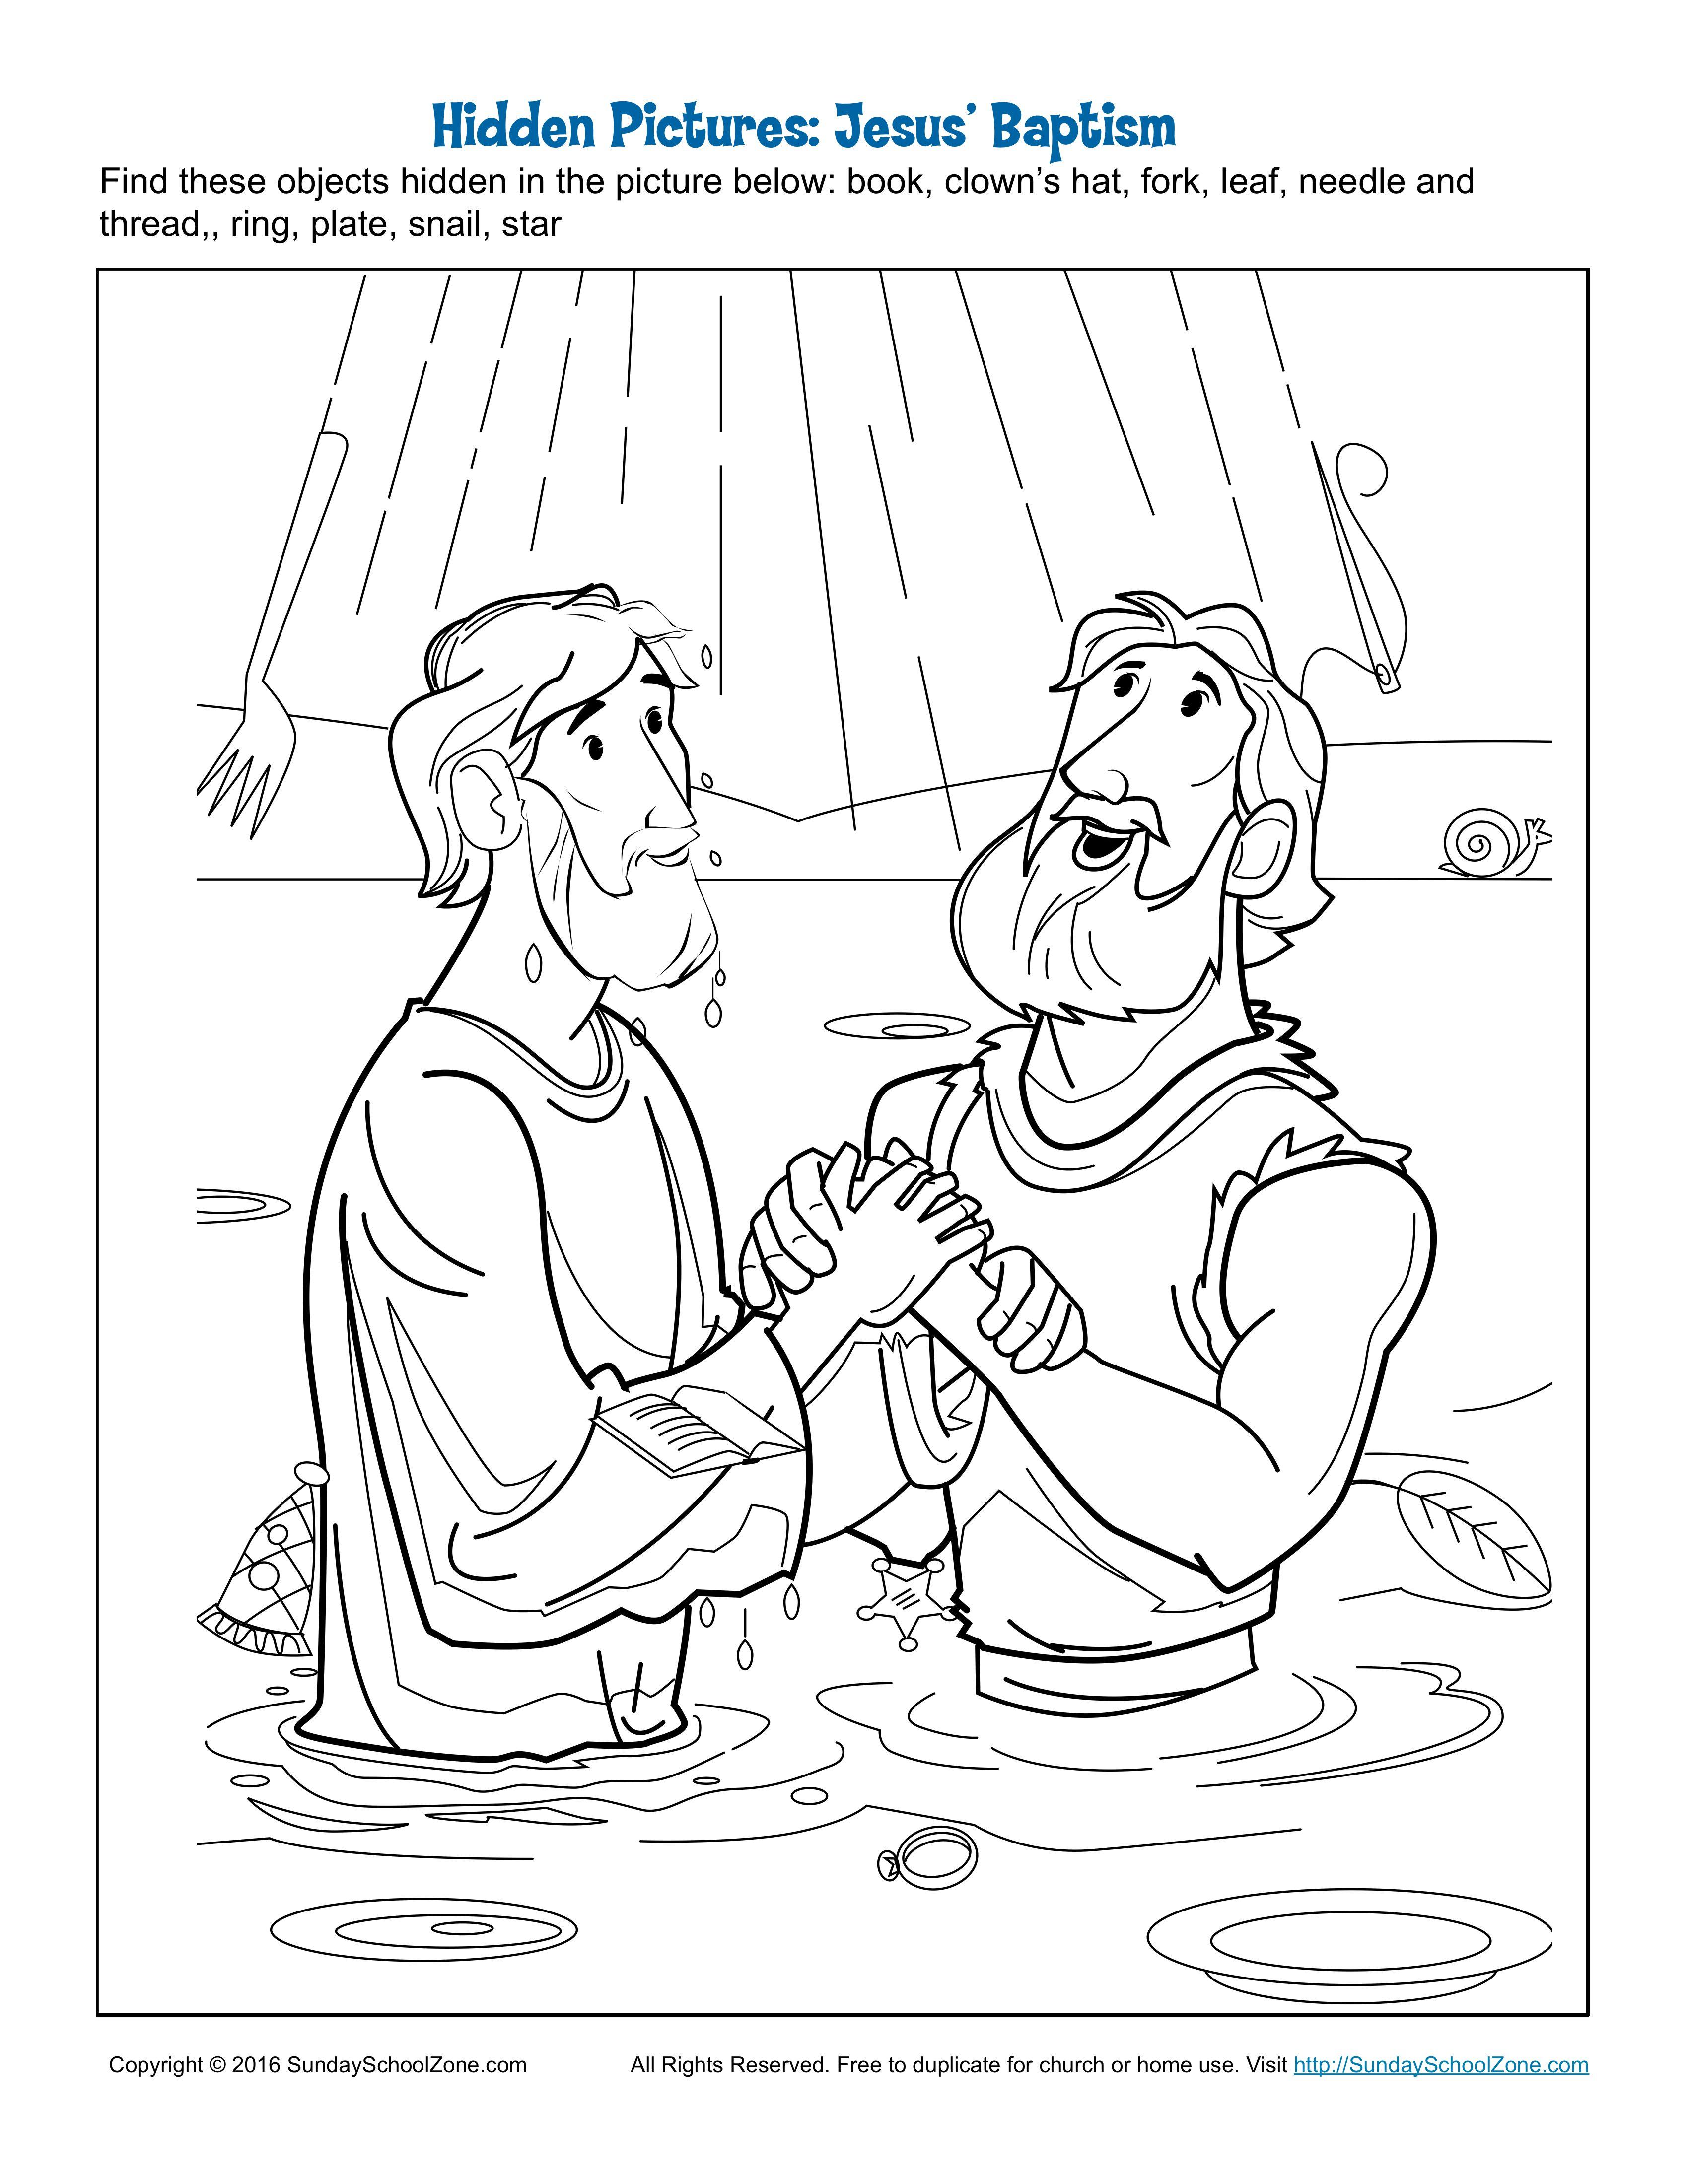 Jesus Baptism Hidden Pictures